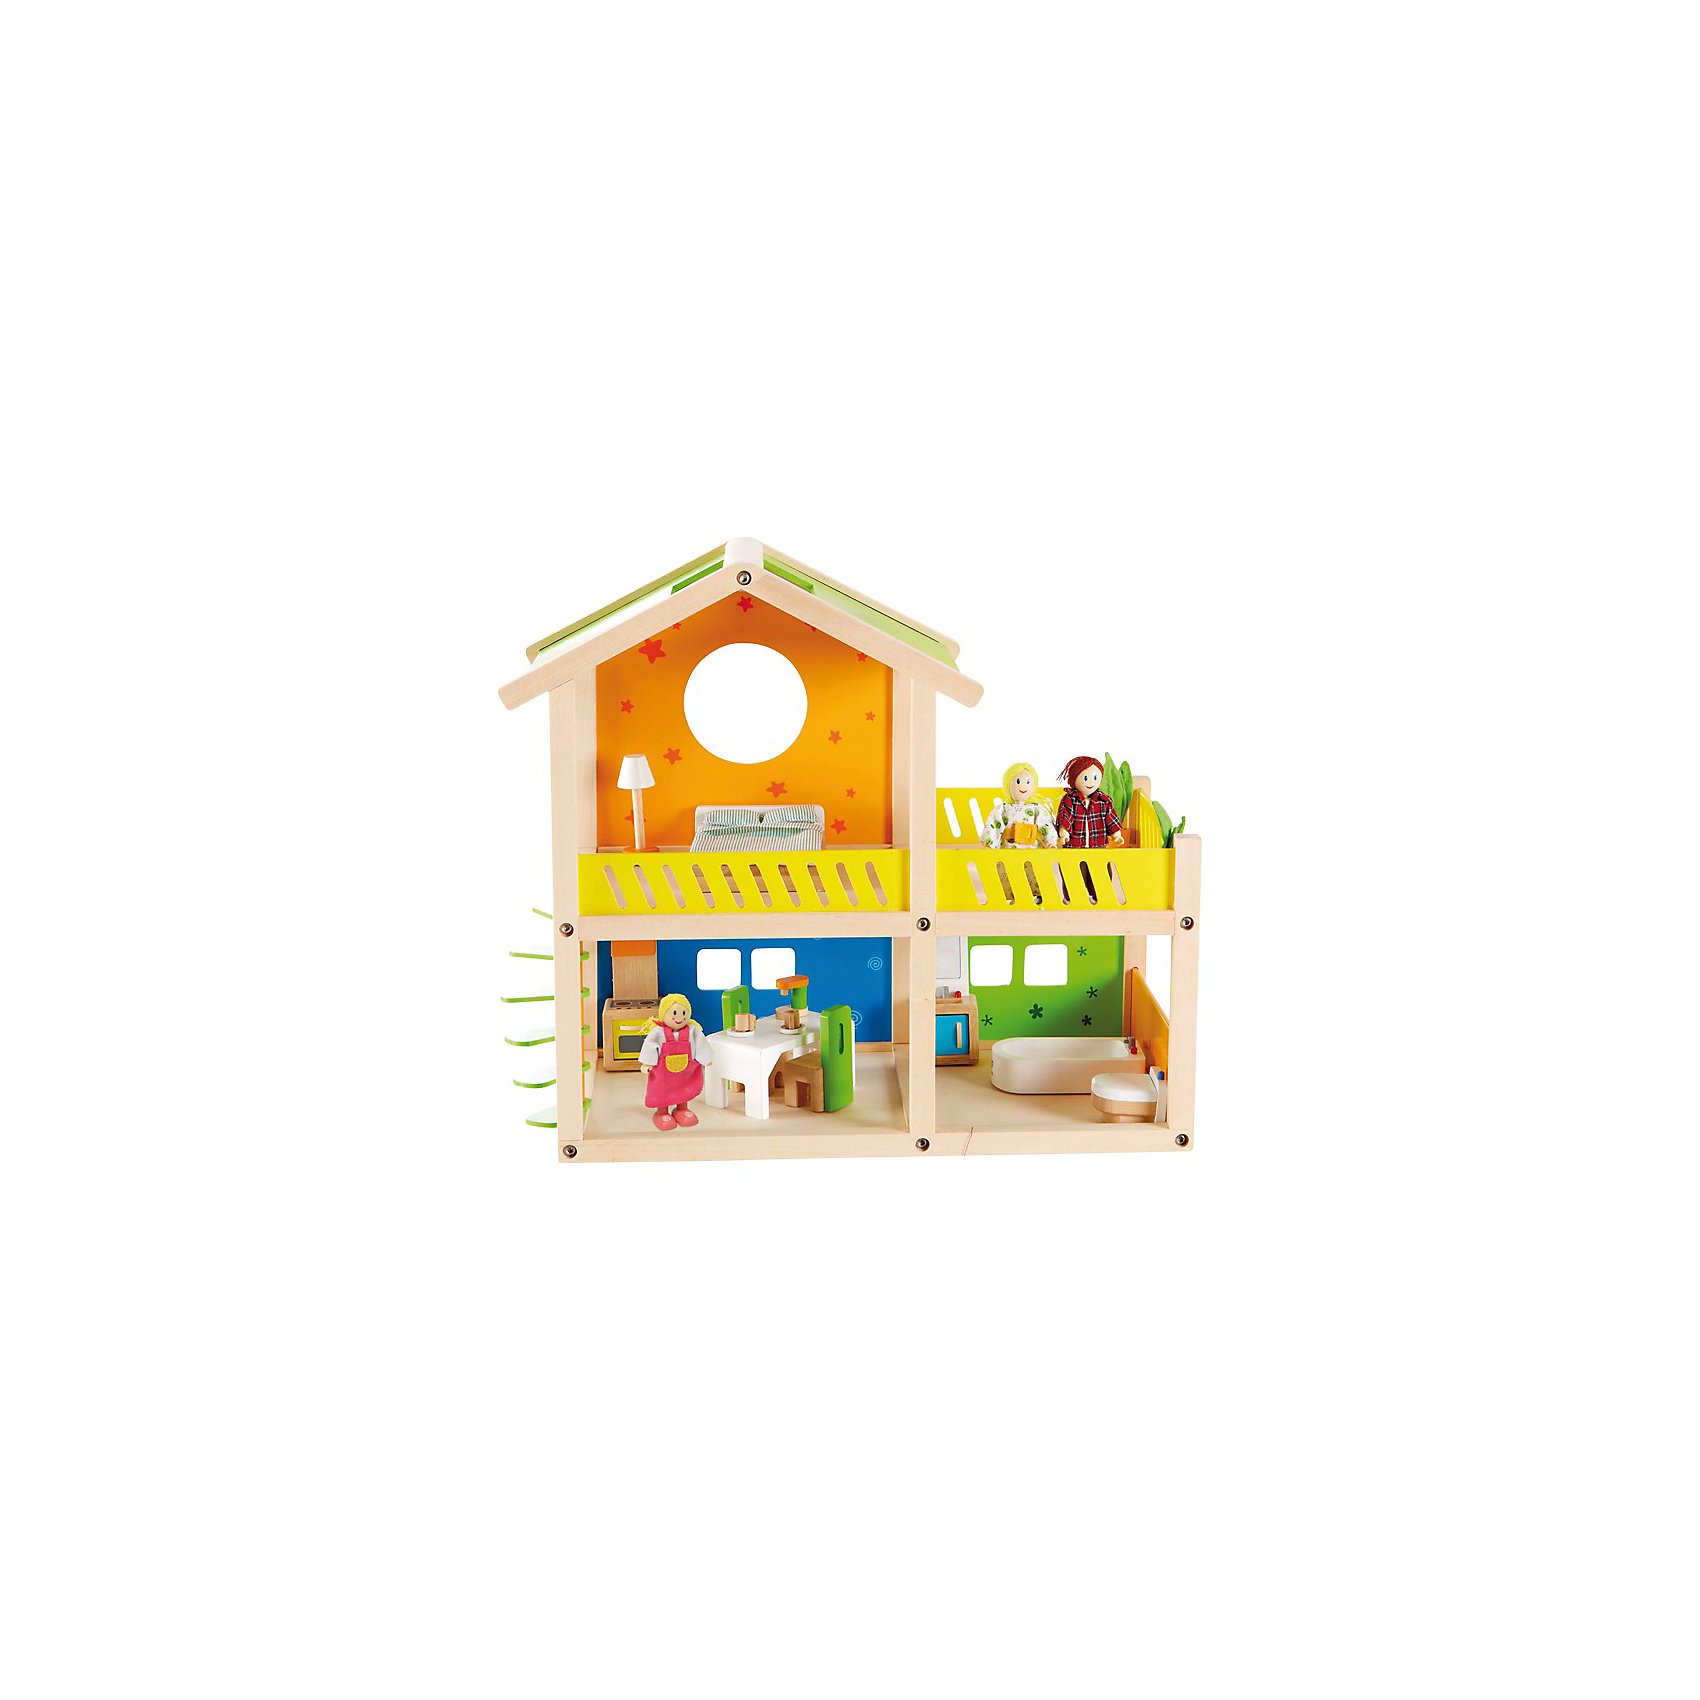 Hape Кукольный домик  с мебелью и фигурками, Hape 1 toy кукольный домик красотка колокольчик с мебелью 29 деталей